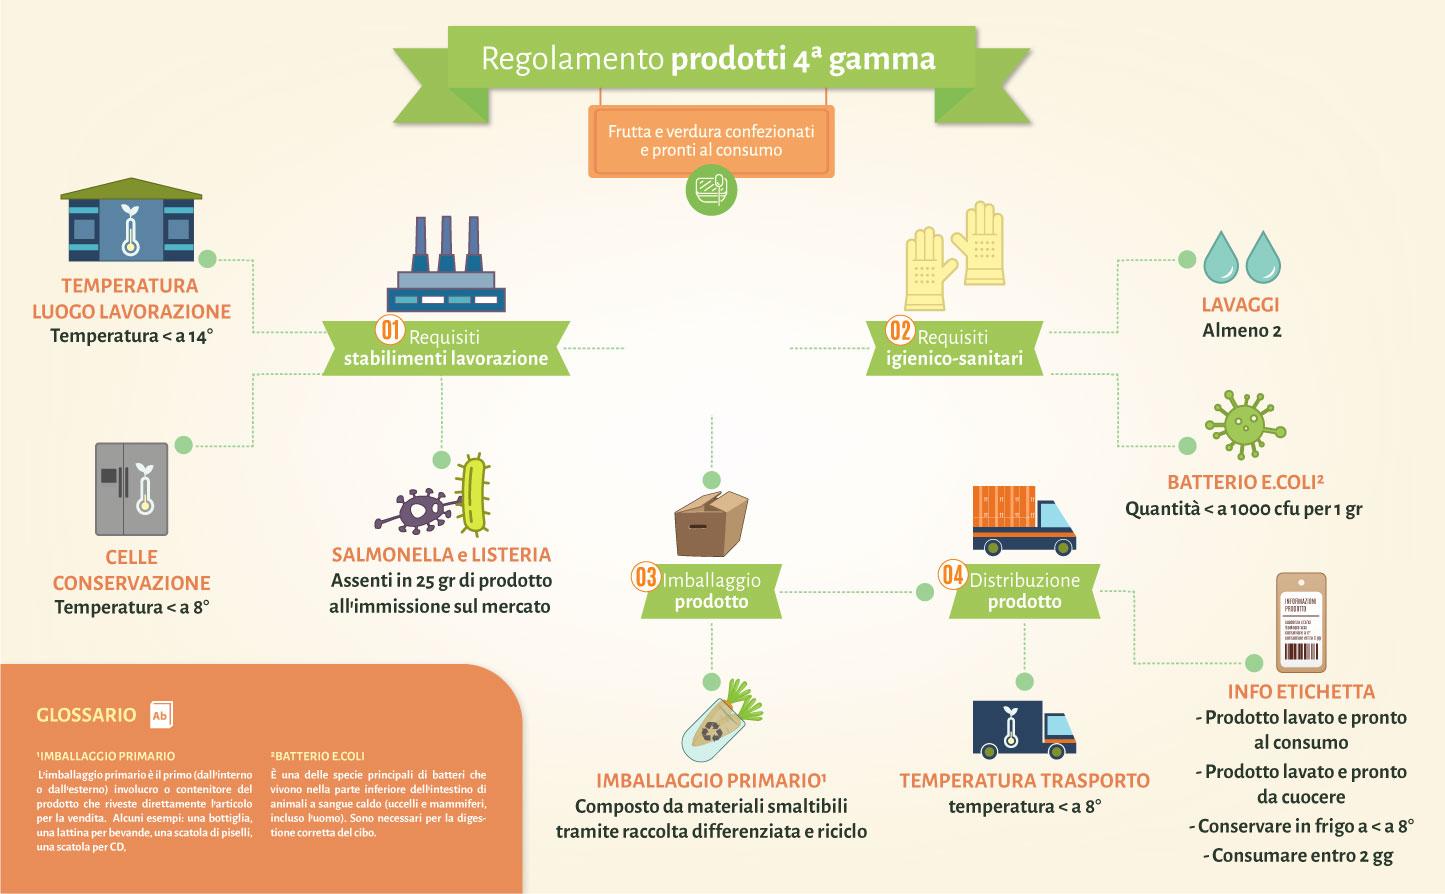 infografica-cibo4gamma